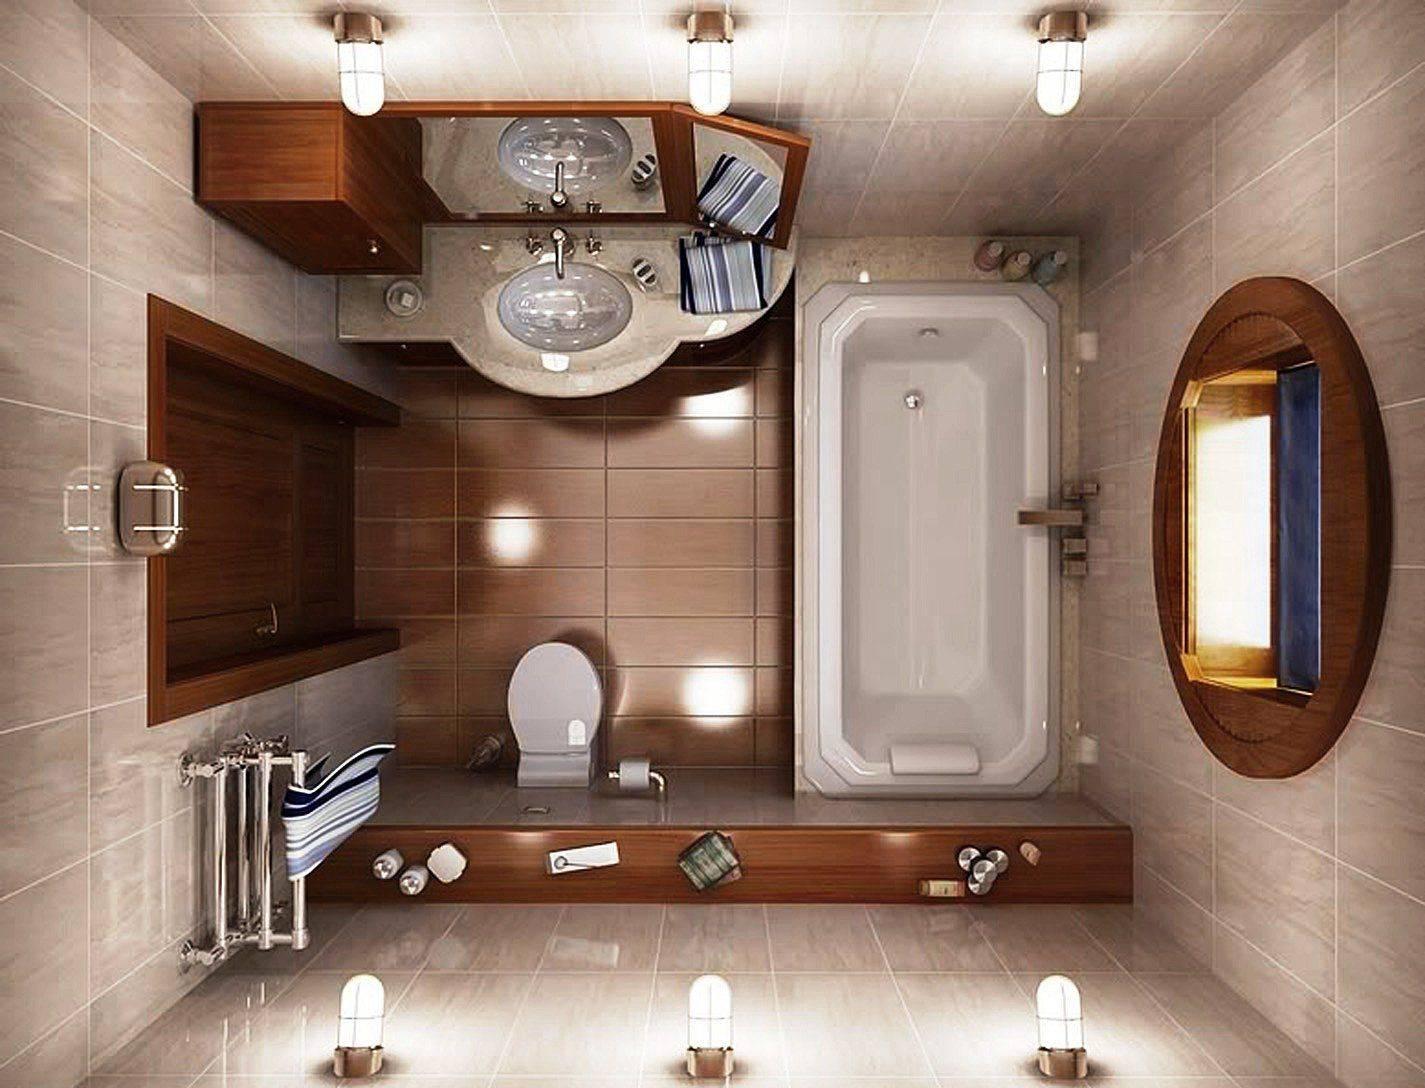 Ванная комната в стиле минимализм: варианты дизайна, интерьер, фото